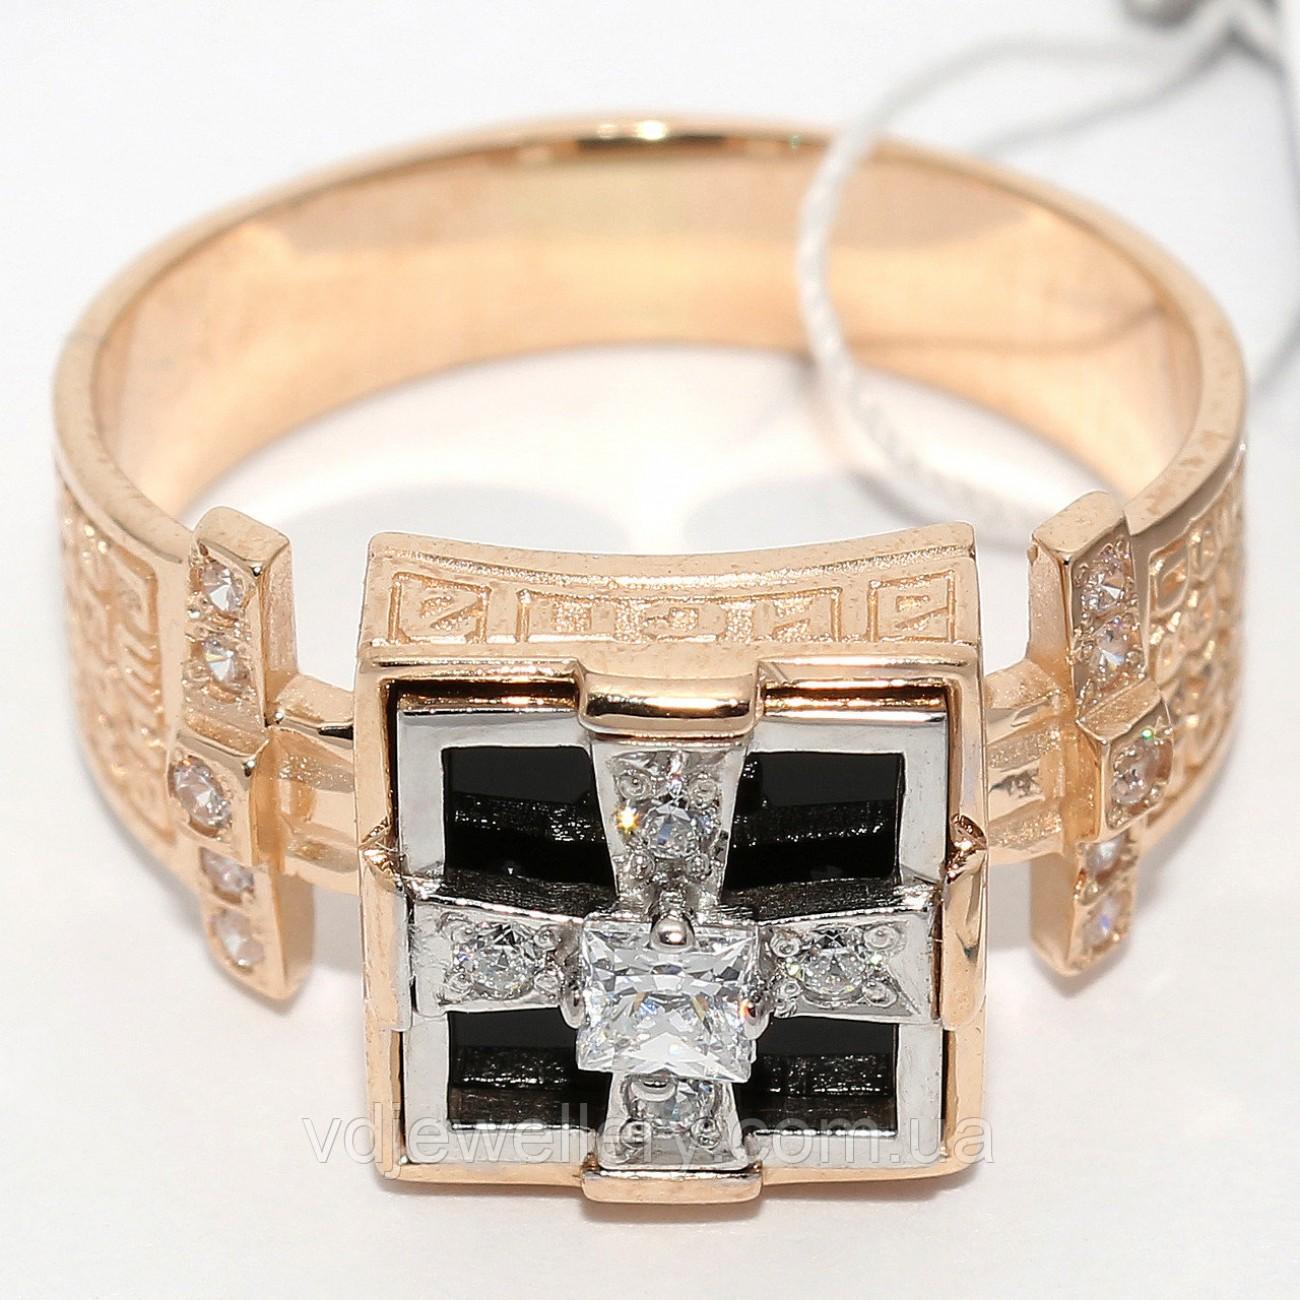 Мужское золотое кольцо КМХ-16